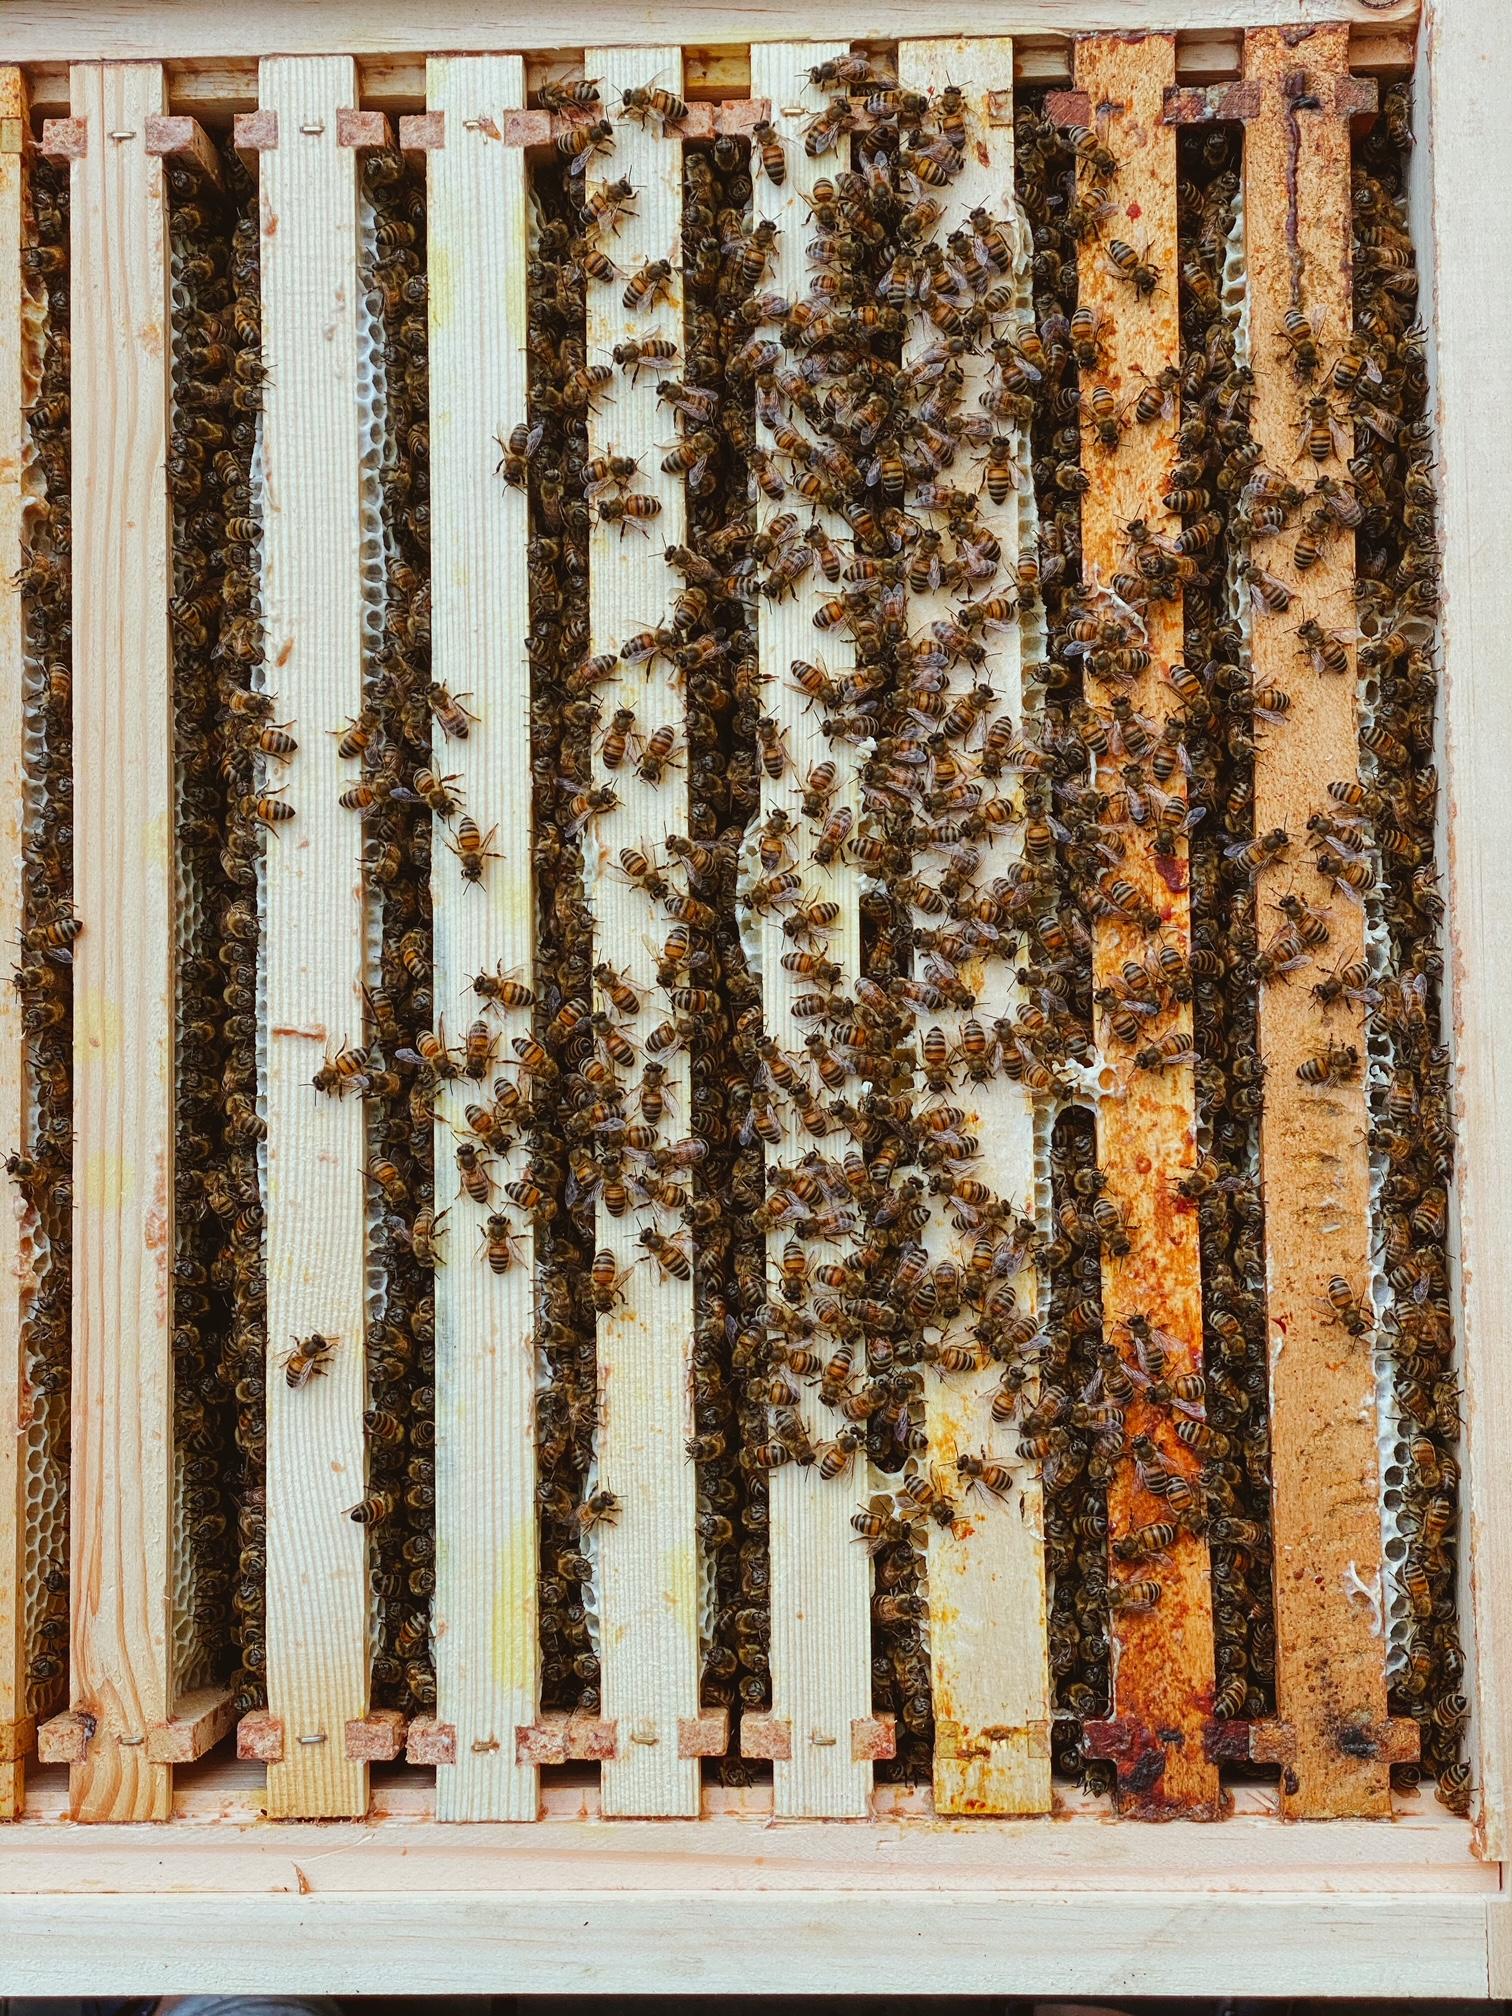 Bienenvolk in einer Trogbeute, Imker, Jungimker, Bienenzuchtverein, Bienen, Merkstein, Heinsberg-Merkstein, Imker, Verein, Honig